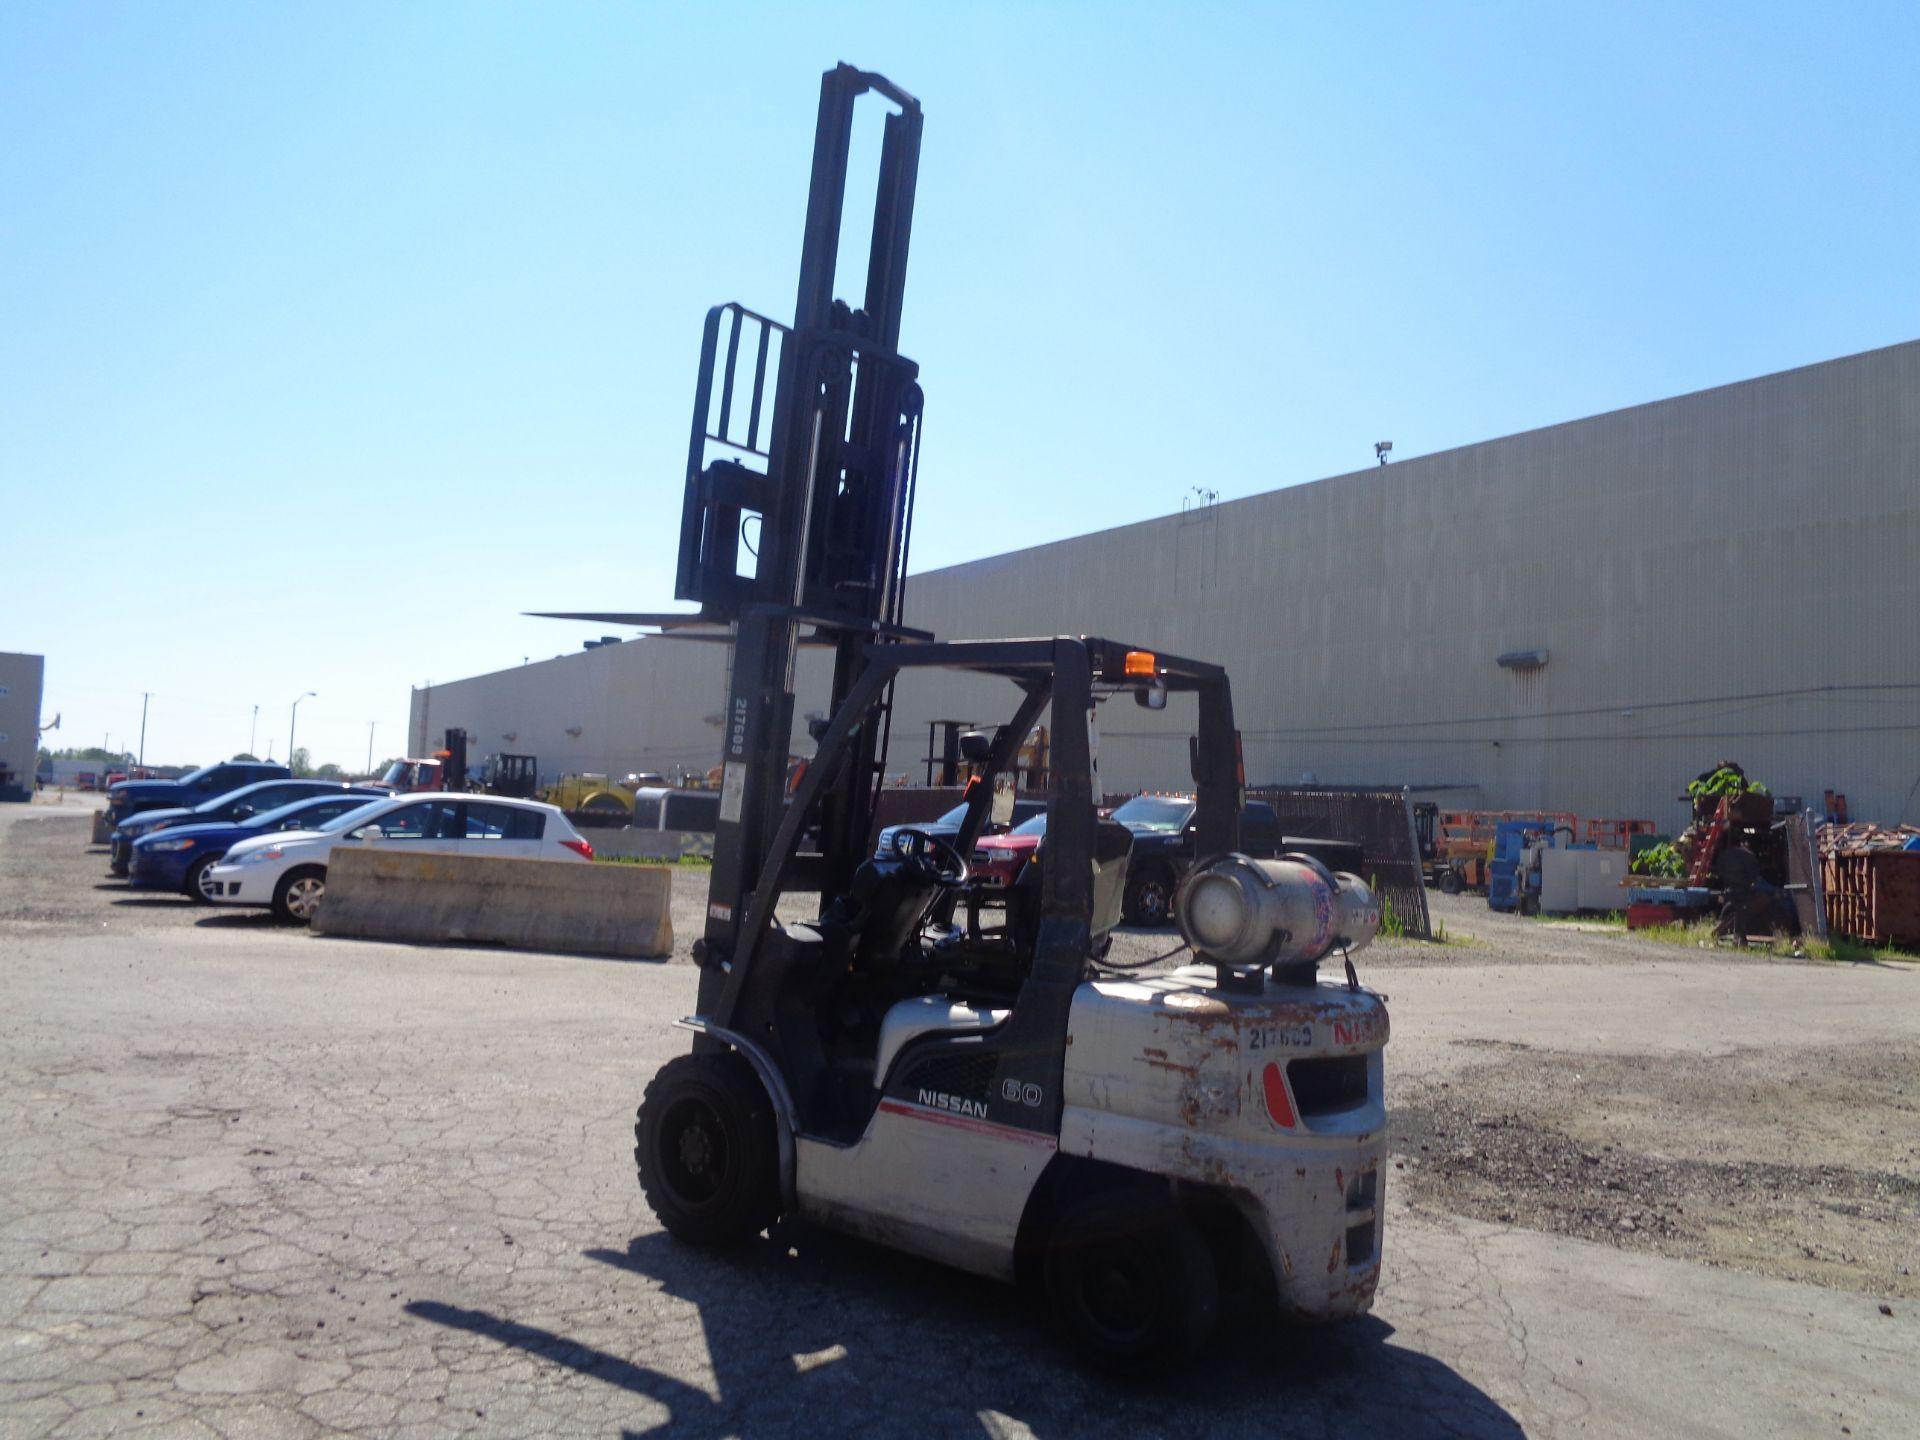 Nissan MUG1F2A30LV 6,000 lbs Forklift - Image 8 of 9